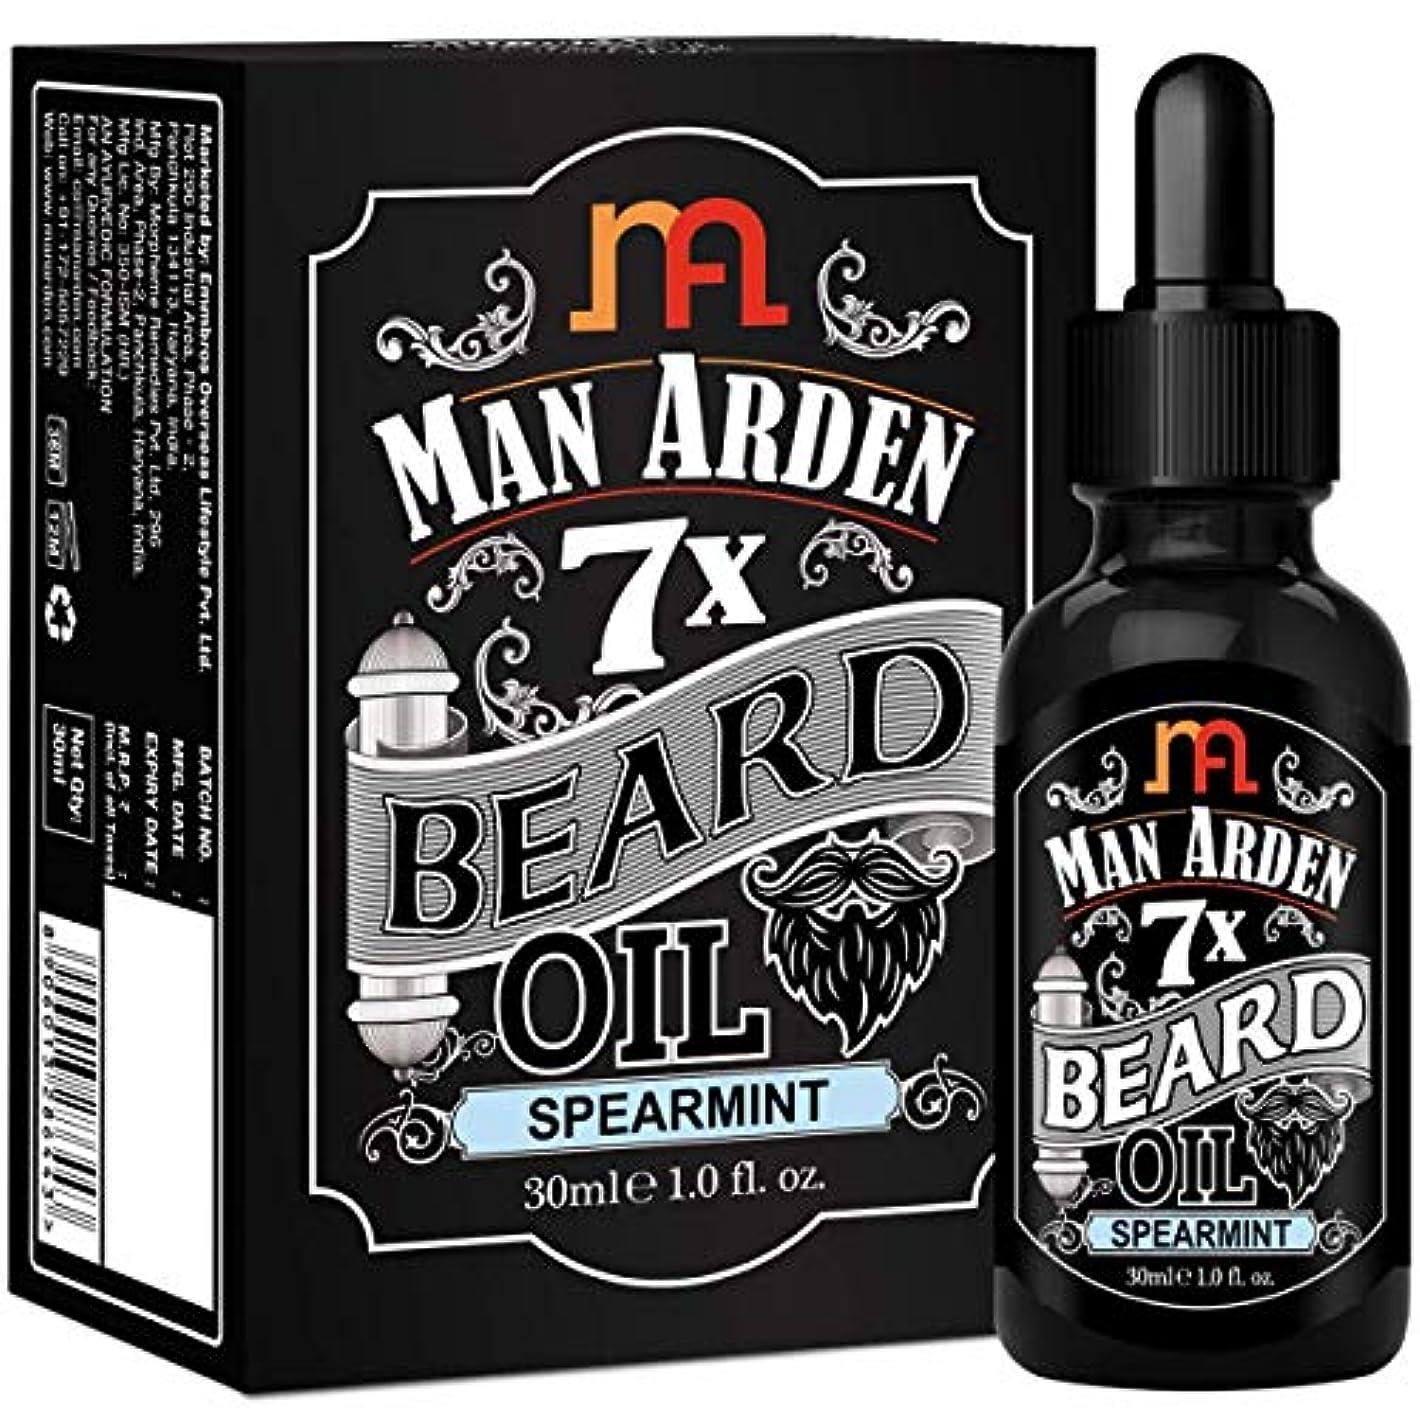 唯物論厚くする合わせてMan Arden 7X Beard Oil 30ml (Spearmint) - 7 Premium Oils For Beard Growth & Nourishment